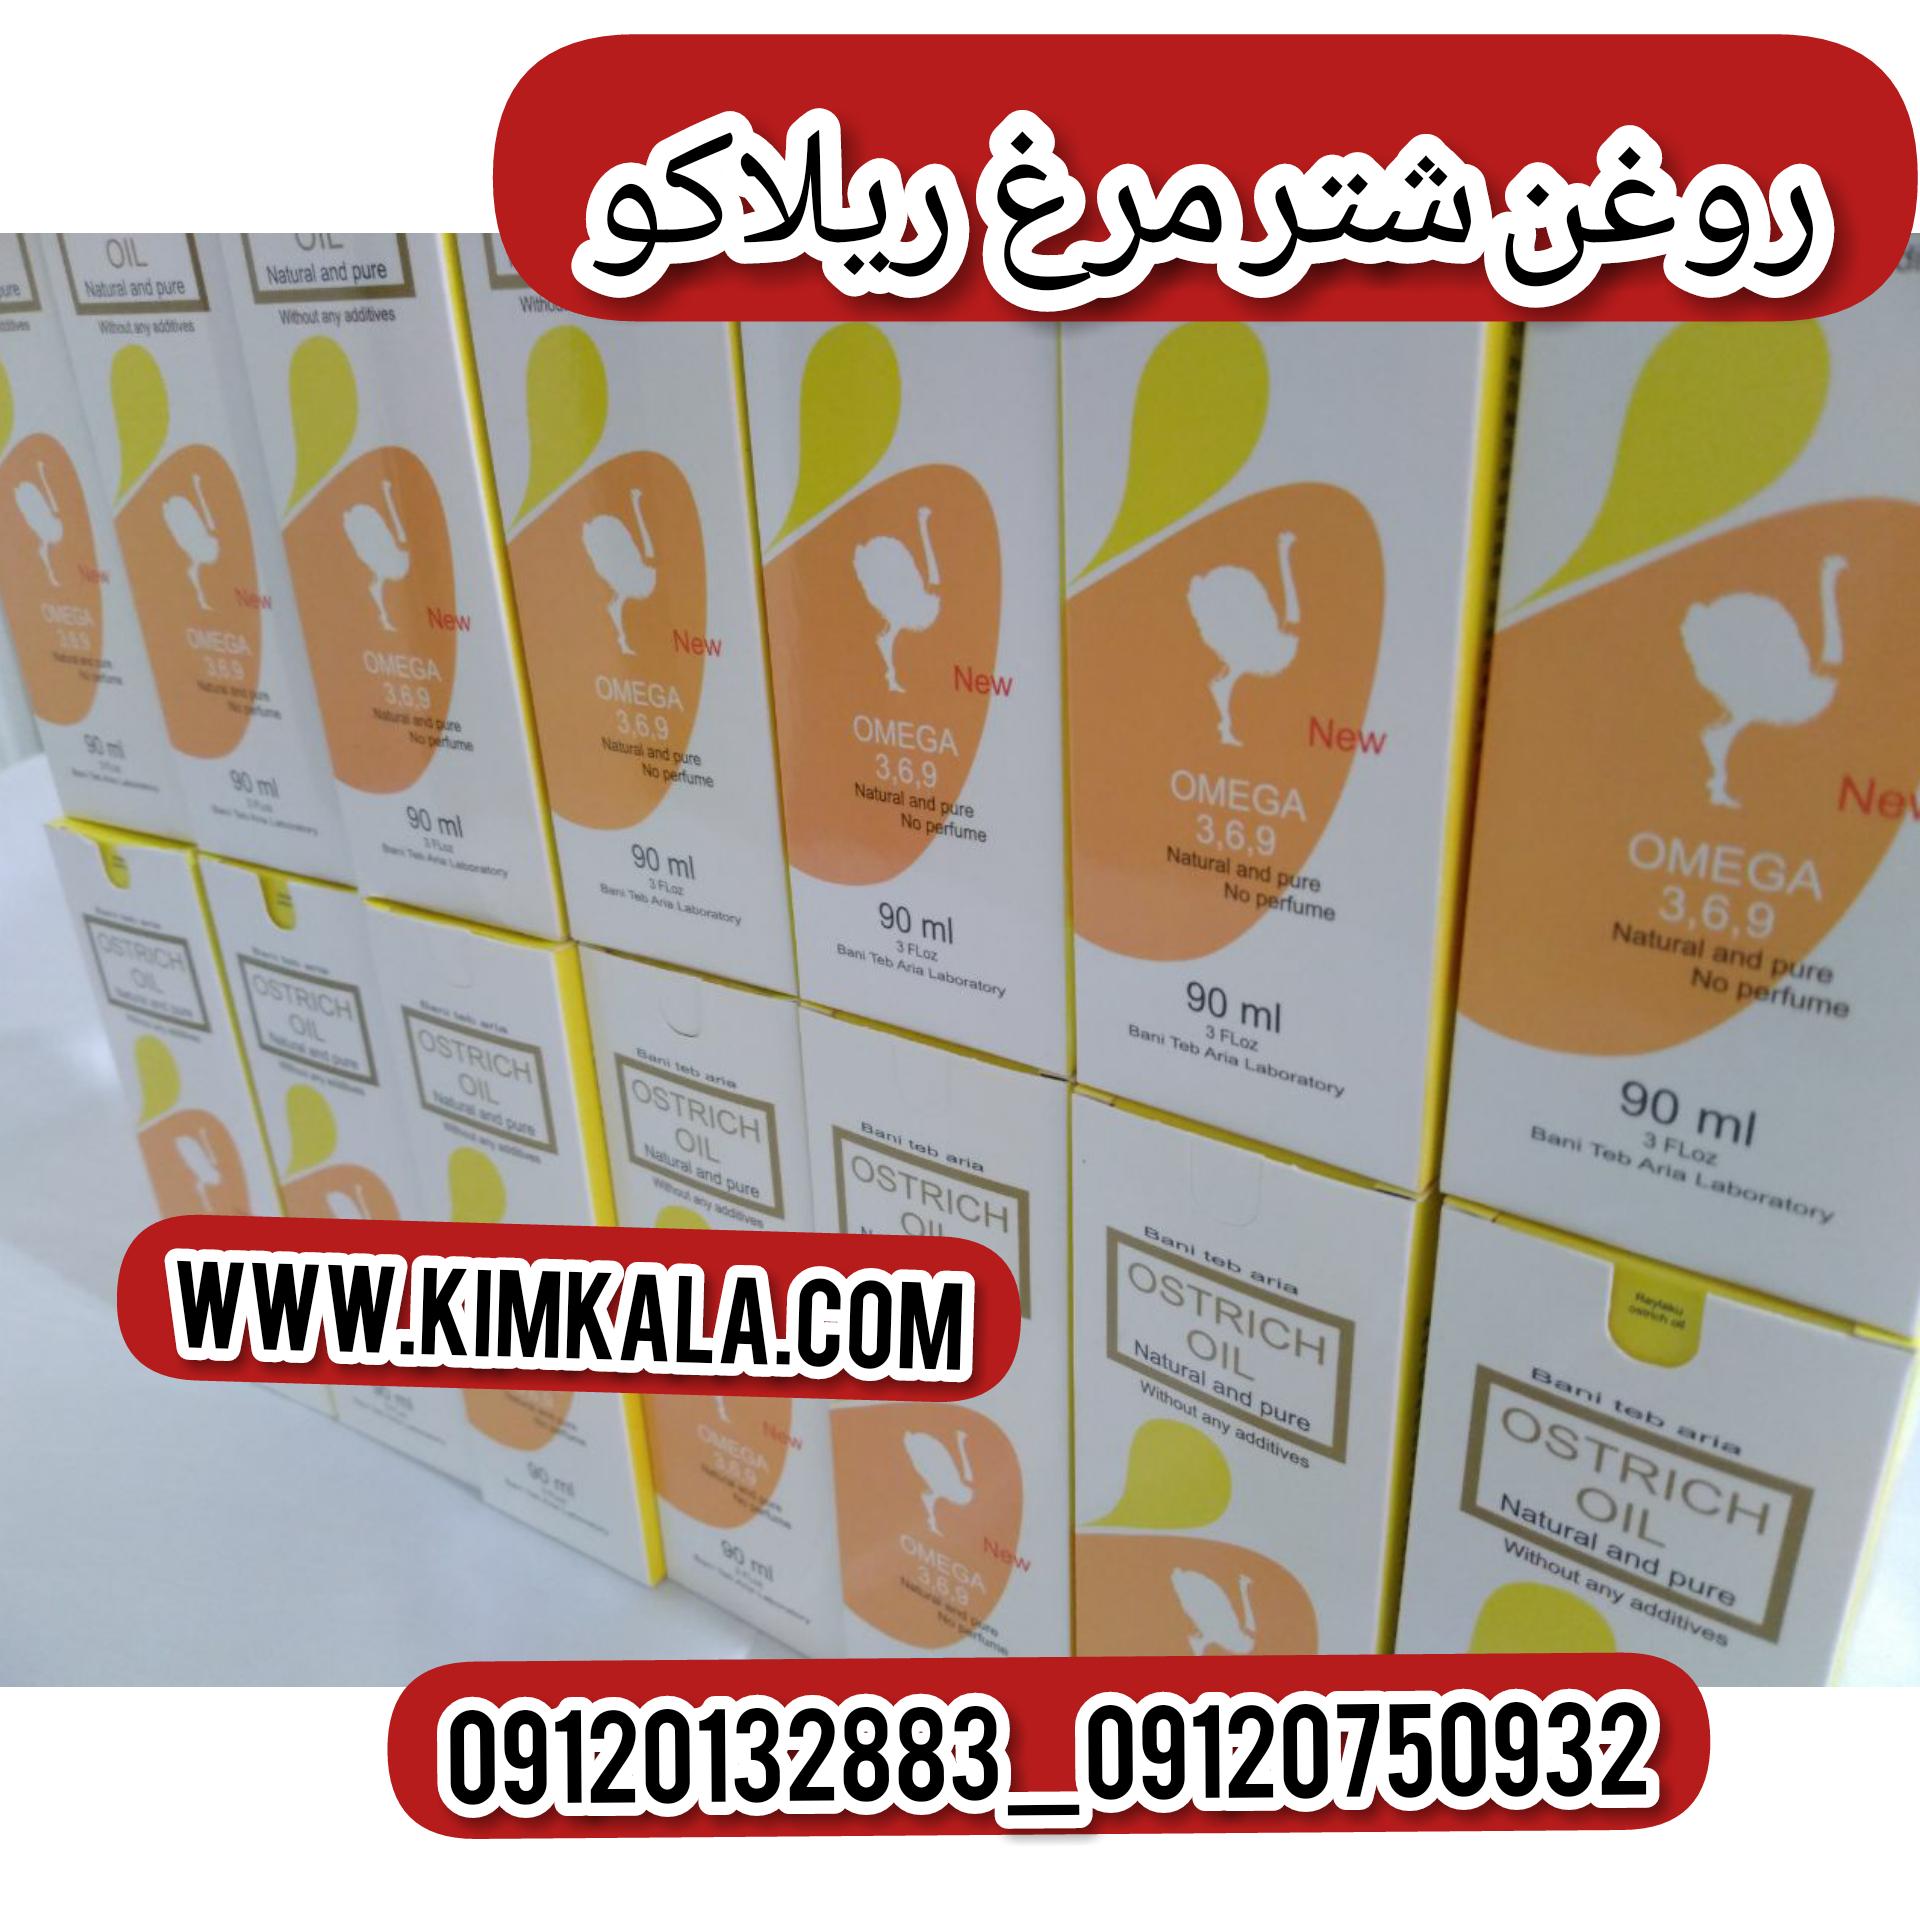 خواص روغن شتر مرغ۰۹۱۲۰۱۳۲۸۸۳/قیمت روغن شتر مرغ